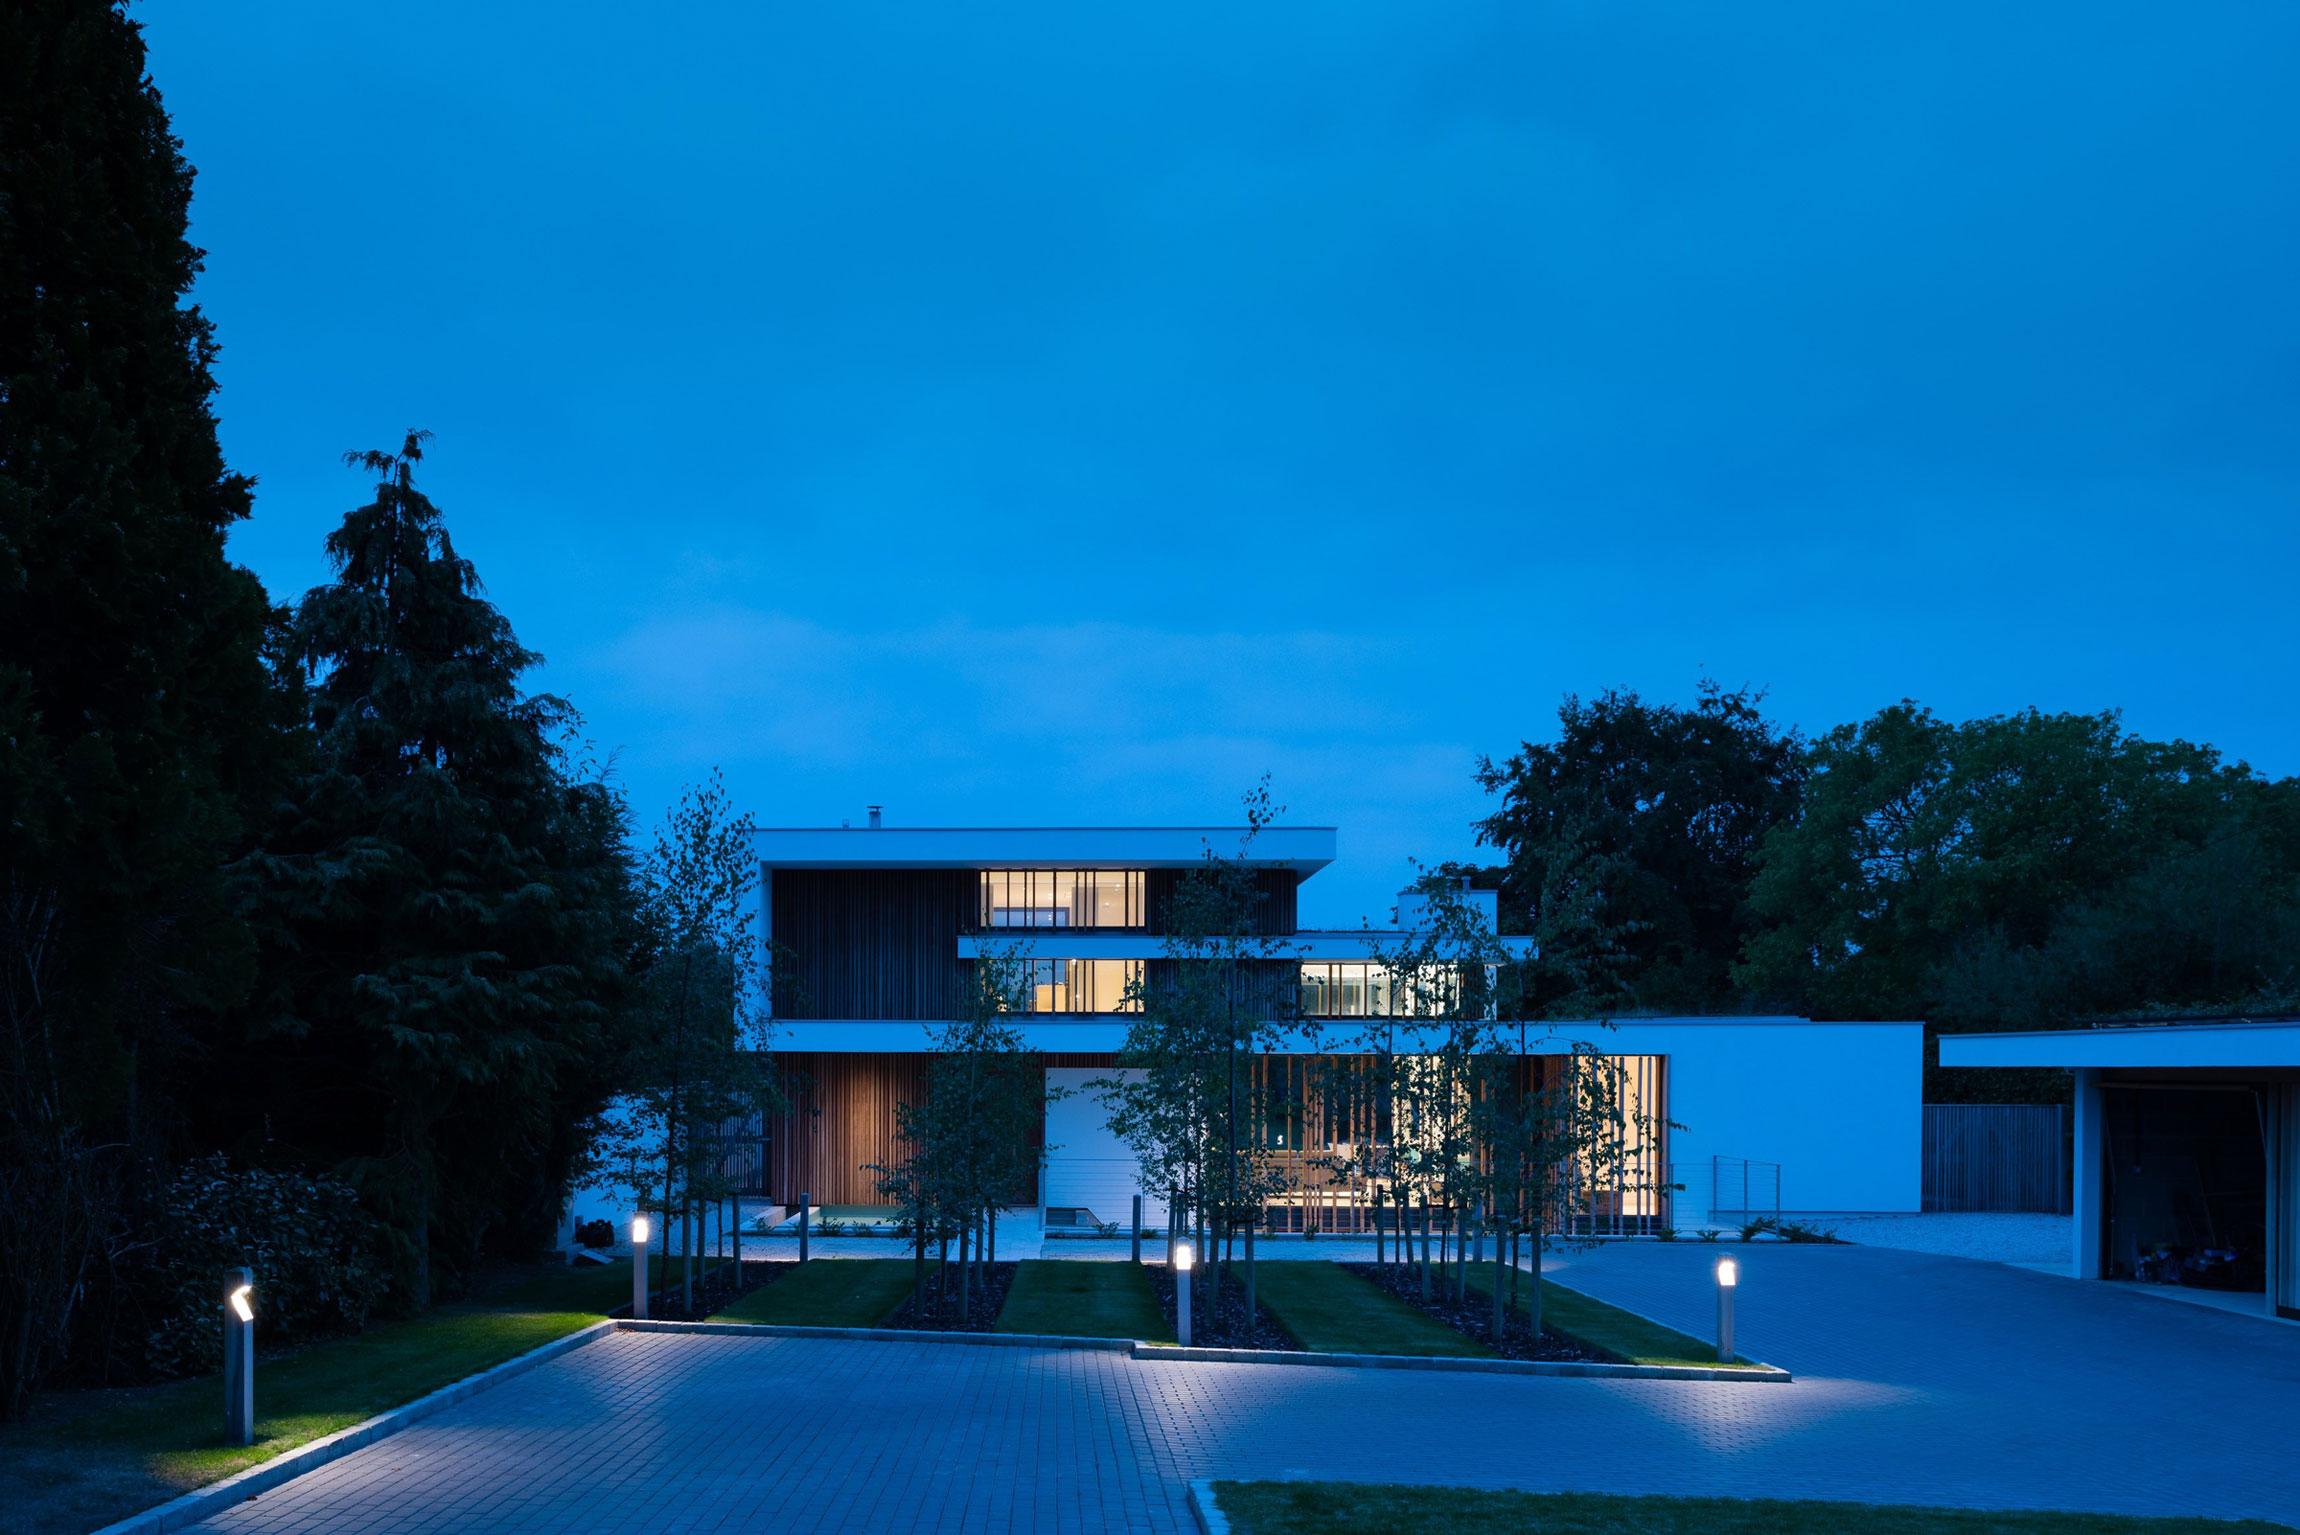 contempor rock river house - HD2300×1535